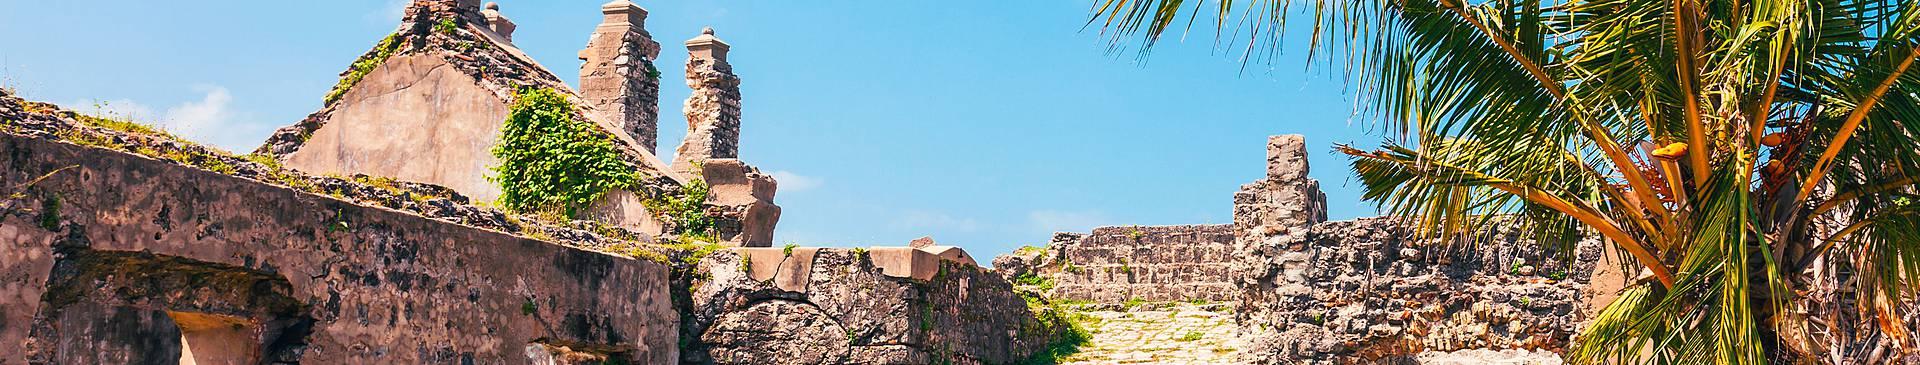 Viaggi nelle isole dello Sri Lanka